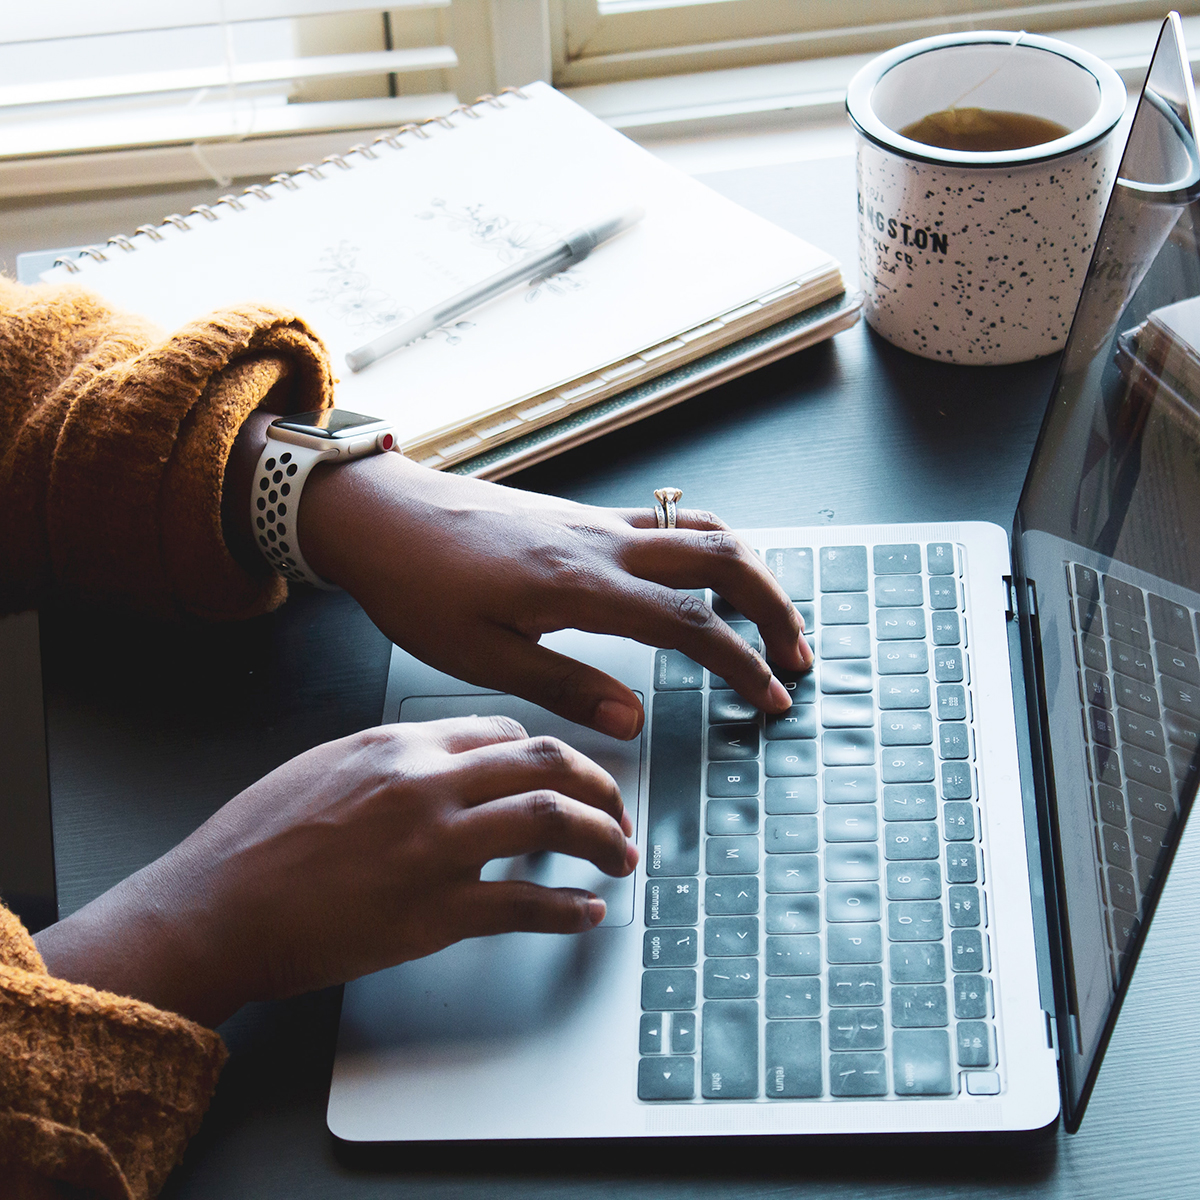 laptop-blog-writing